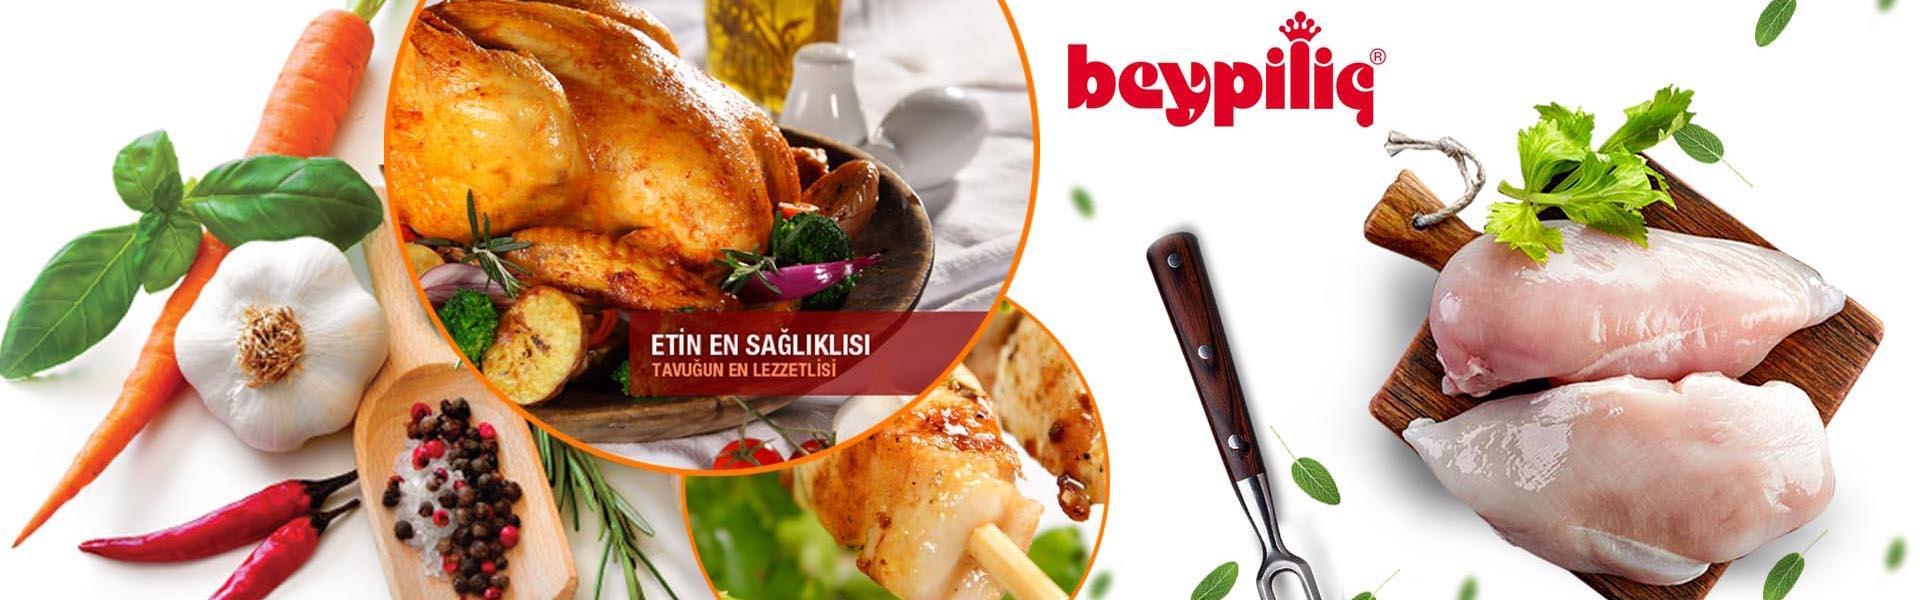 Bipiliç Beypilic Tavuk Banner slider